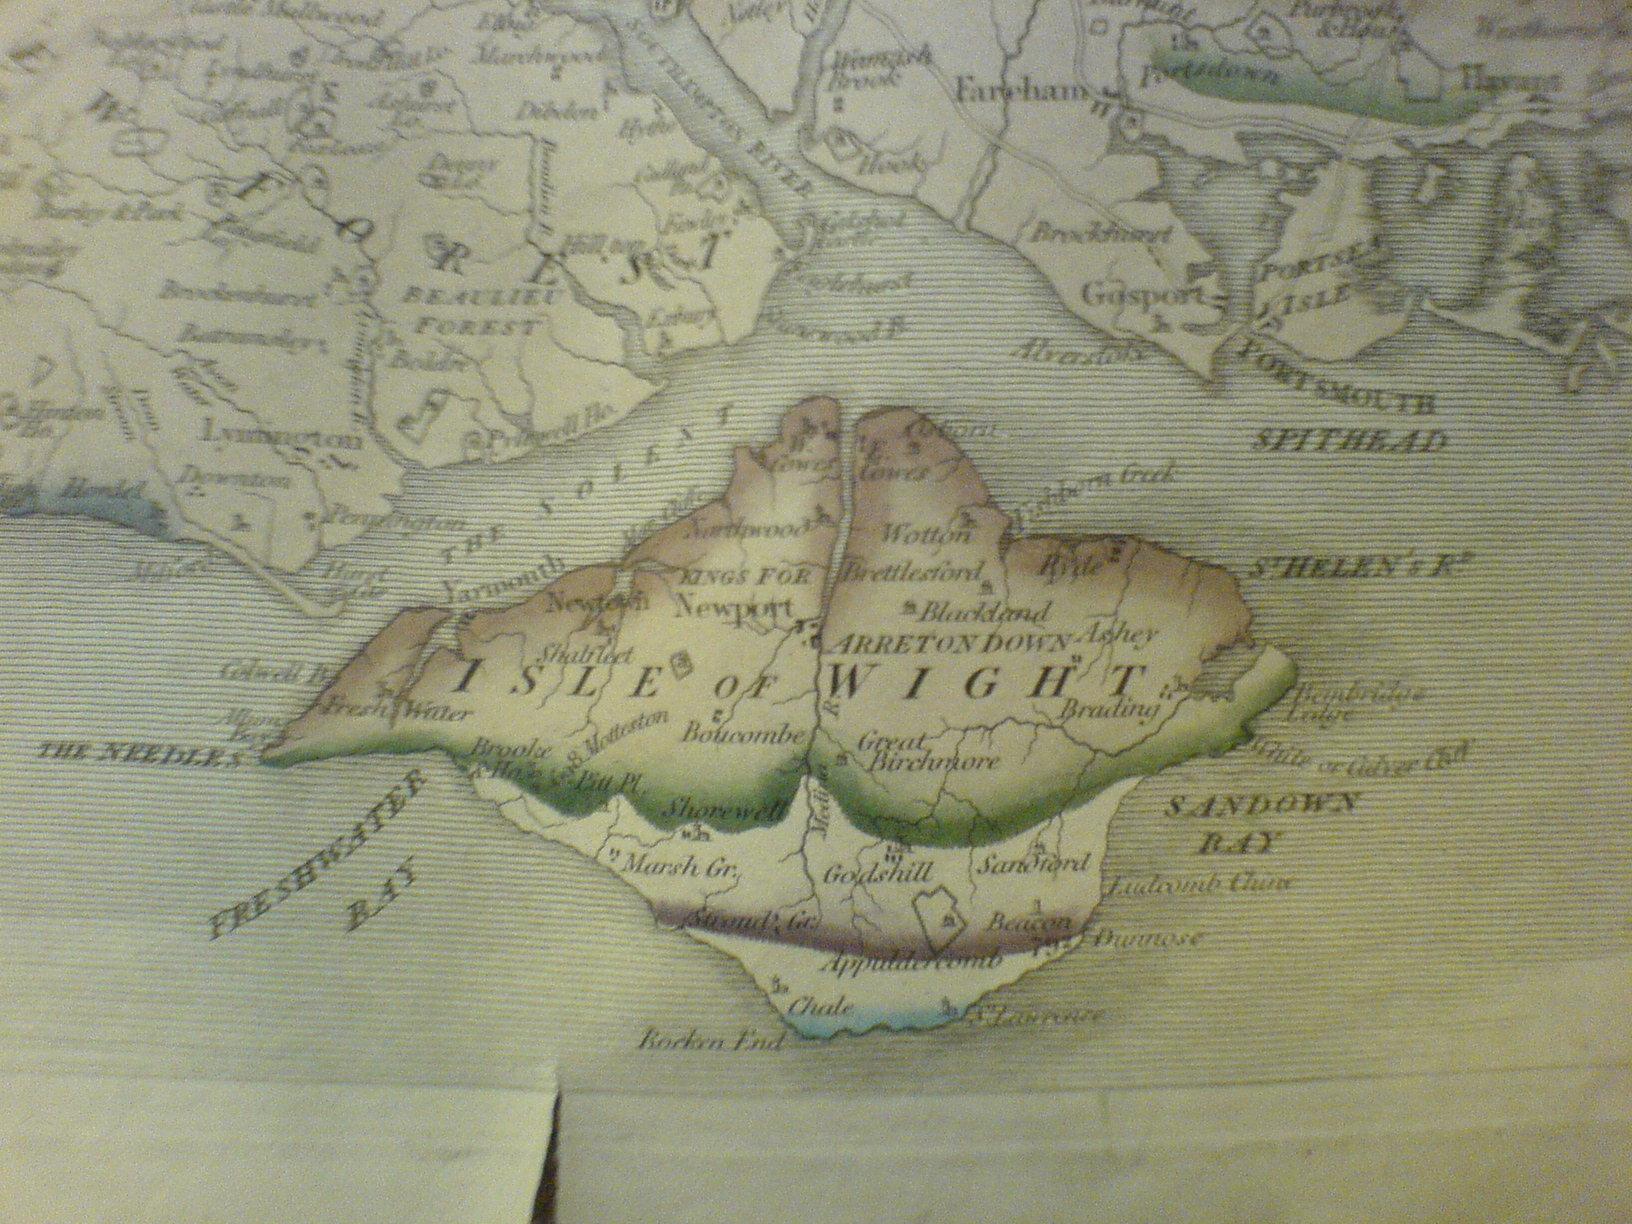 Lost Smith maprediscovered